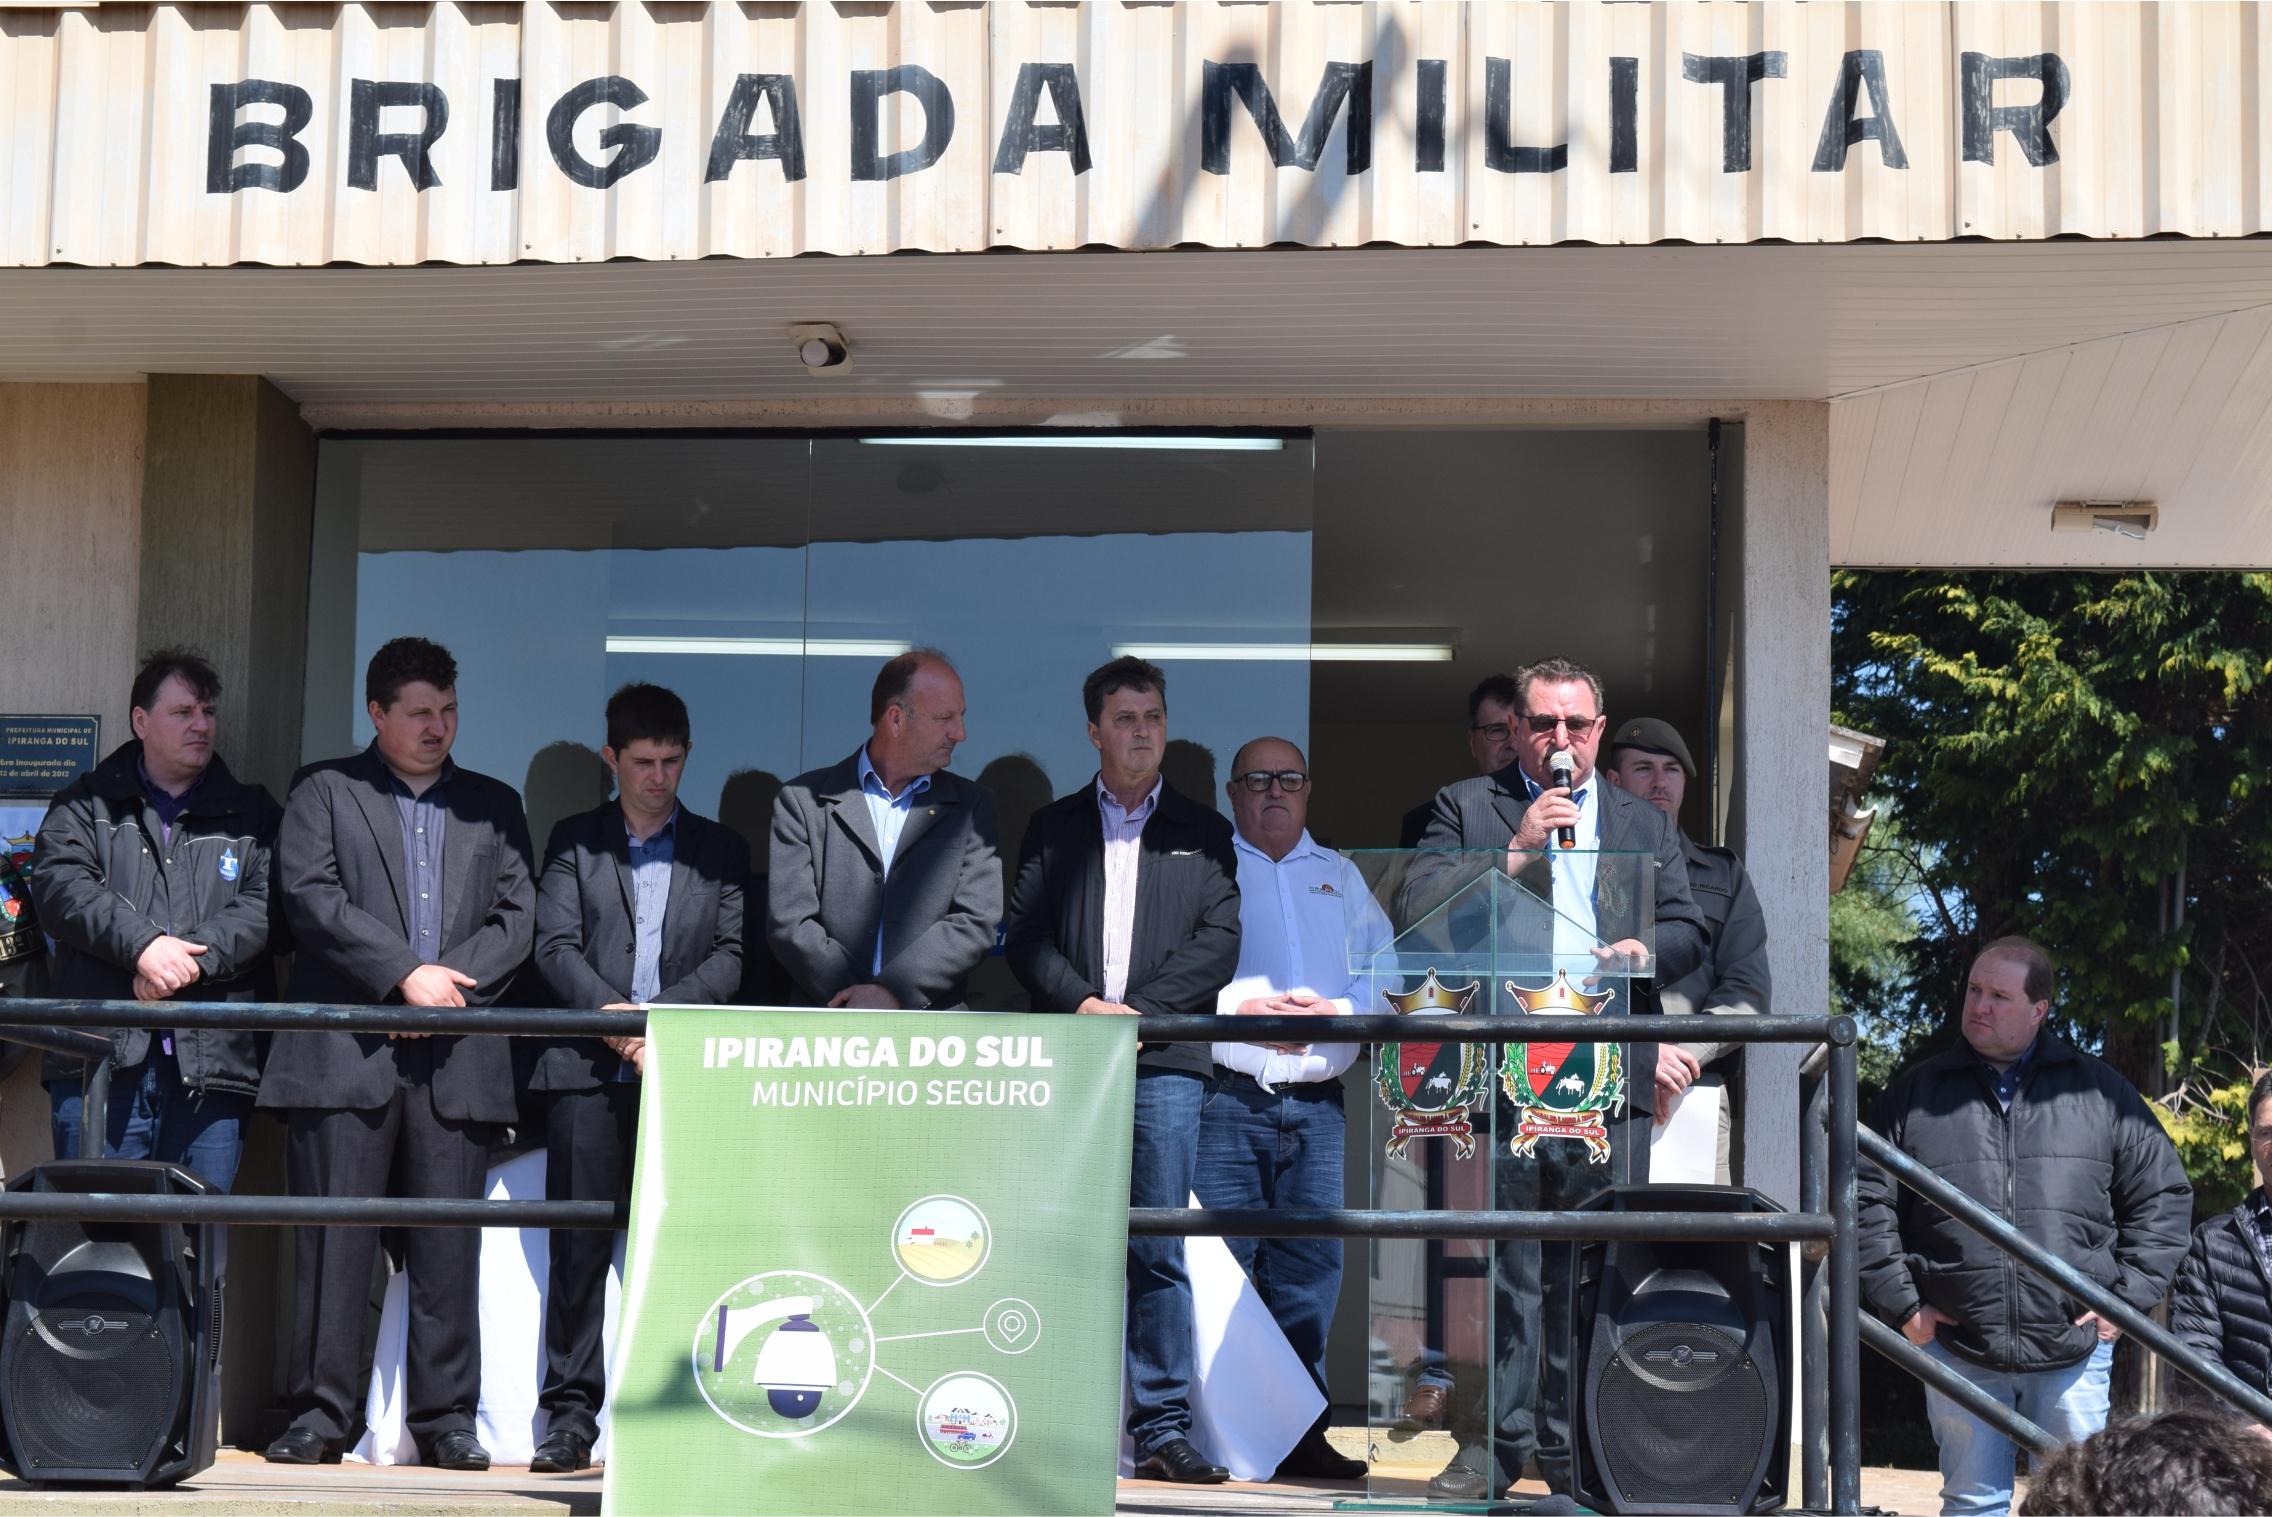 Creral fornece internet para vídeomonitoramento em Ipiranga do Sul